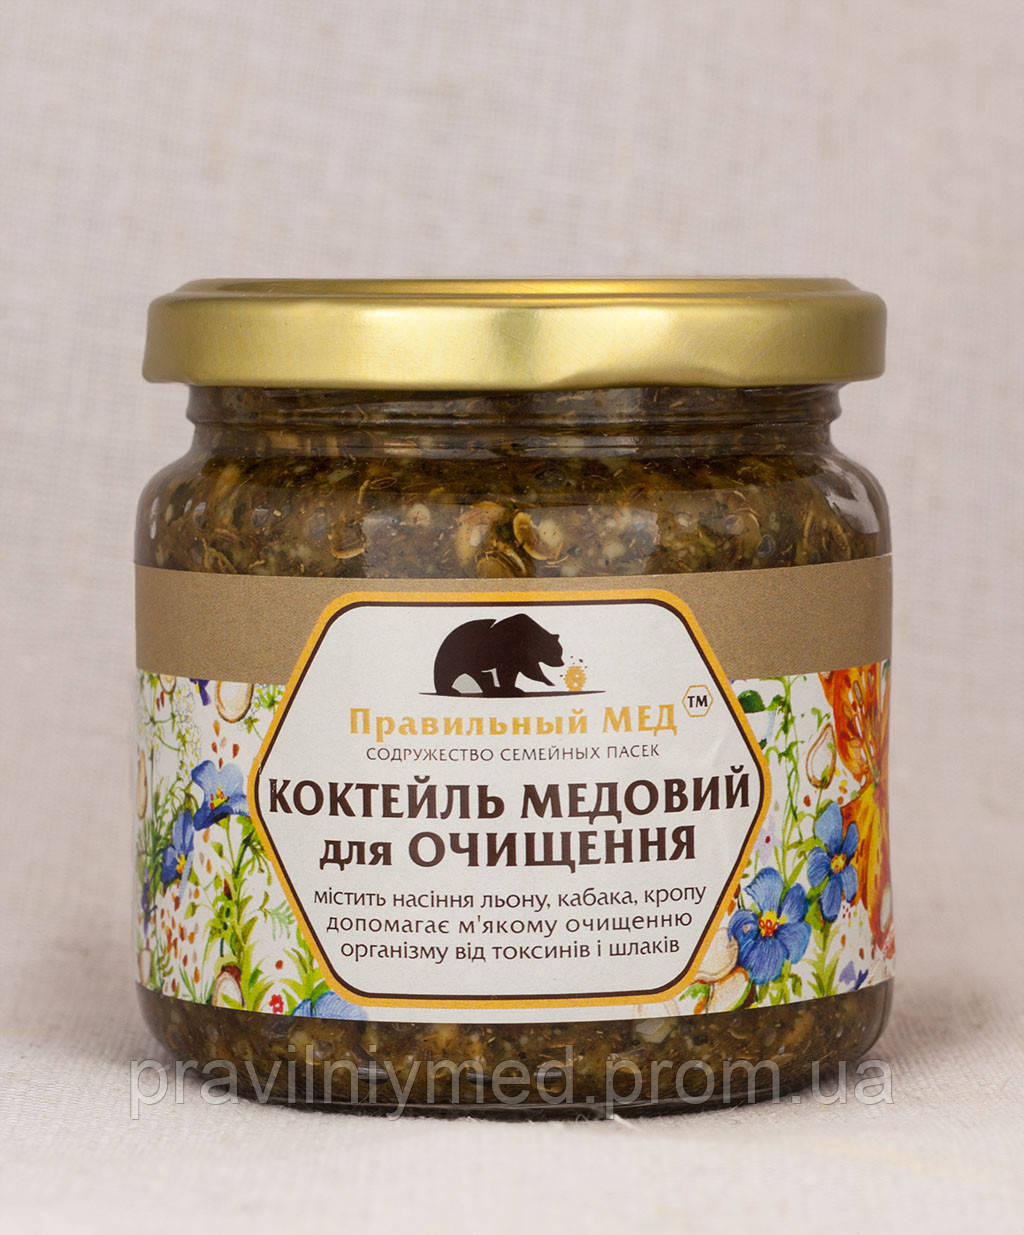 Коктейль очищающий 200мл.  Мёд с комплексом семян для очистки организма.